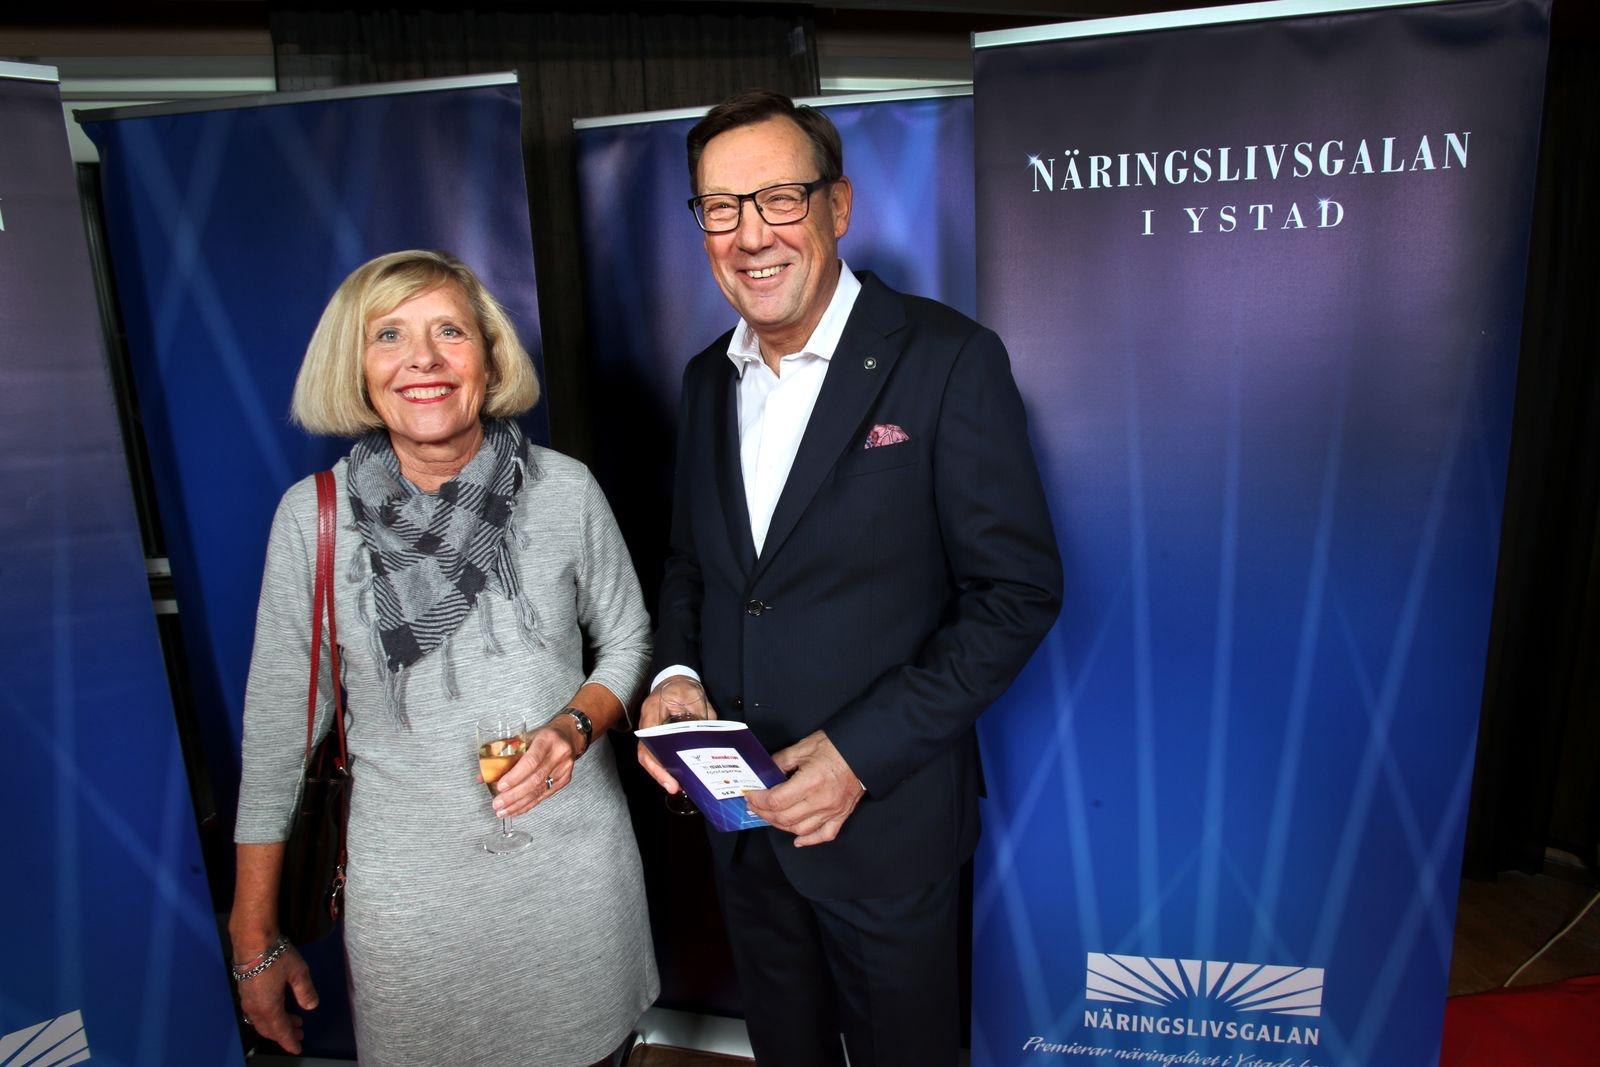 Kerstin och Göran Ljungkrantz, Radio Active